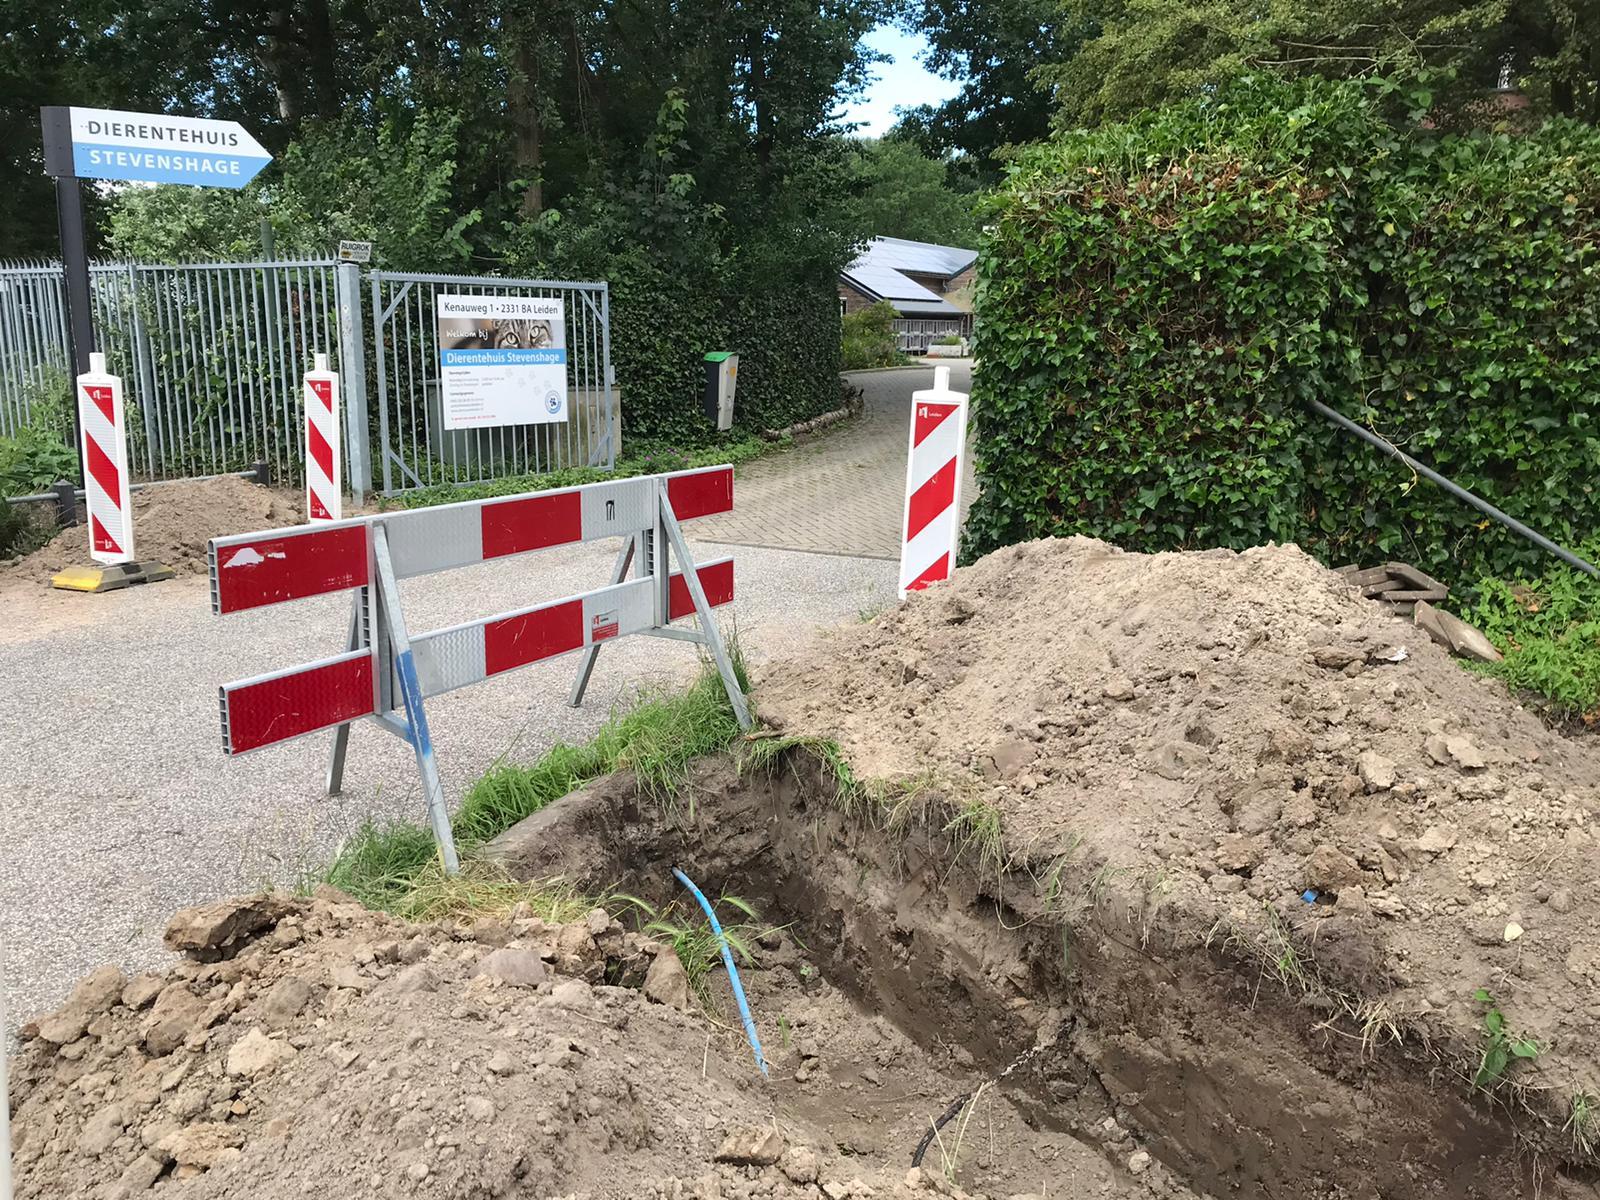 Werkzaamheden vlak voor het terrein van Dierentehuis Stevenshage in Leiden.